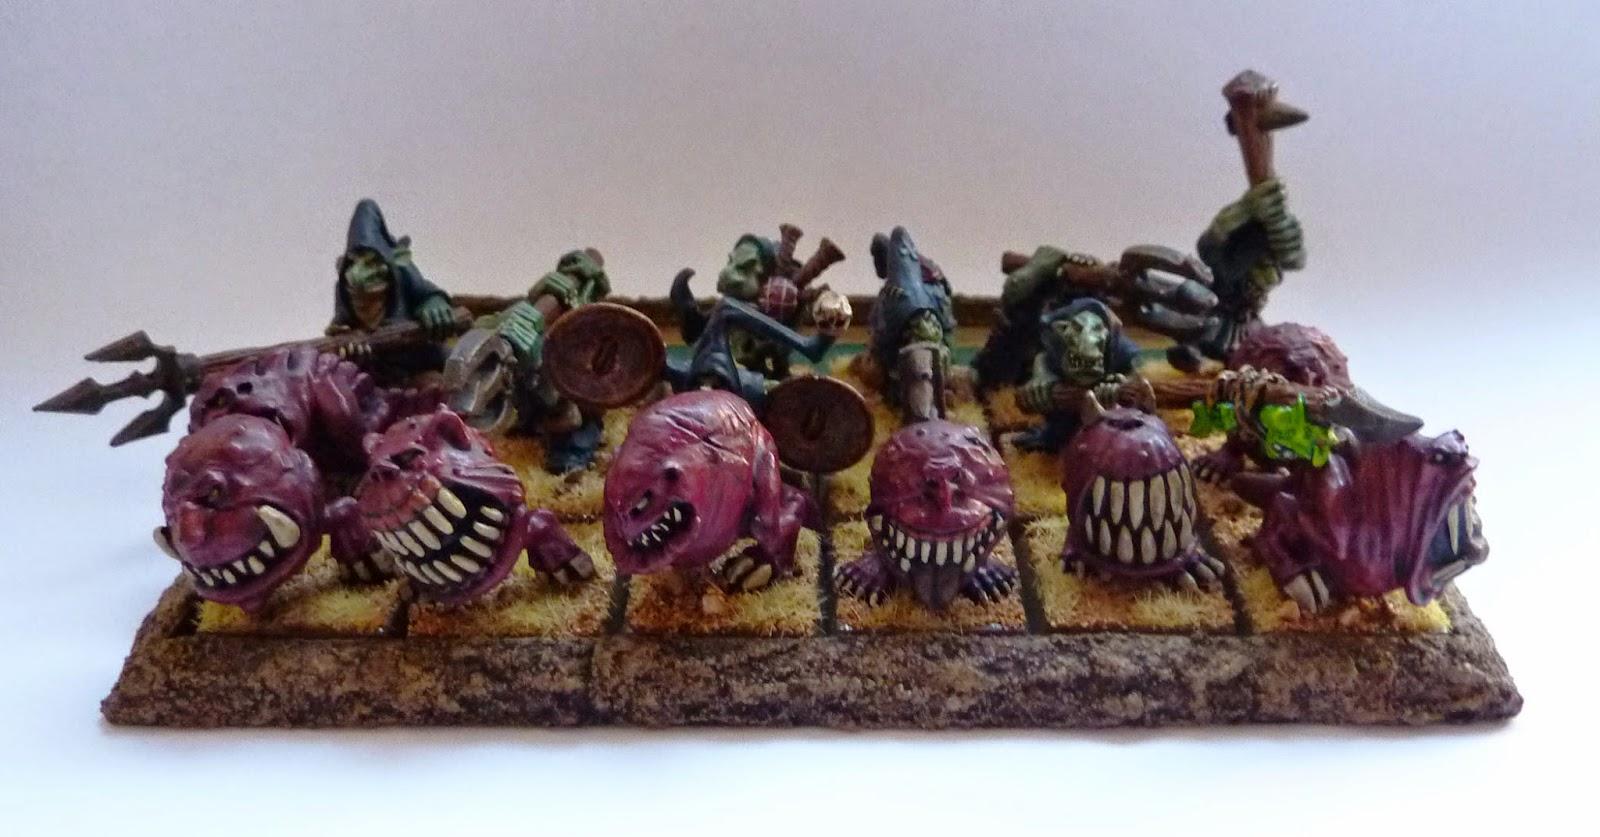 Warhammer Fantasy - Orcs & Goblins Night Goblin Squig Herd